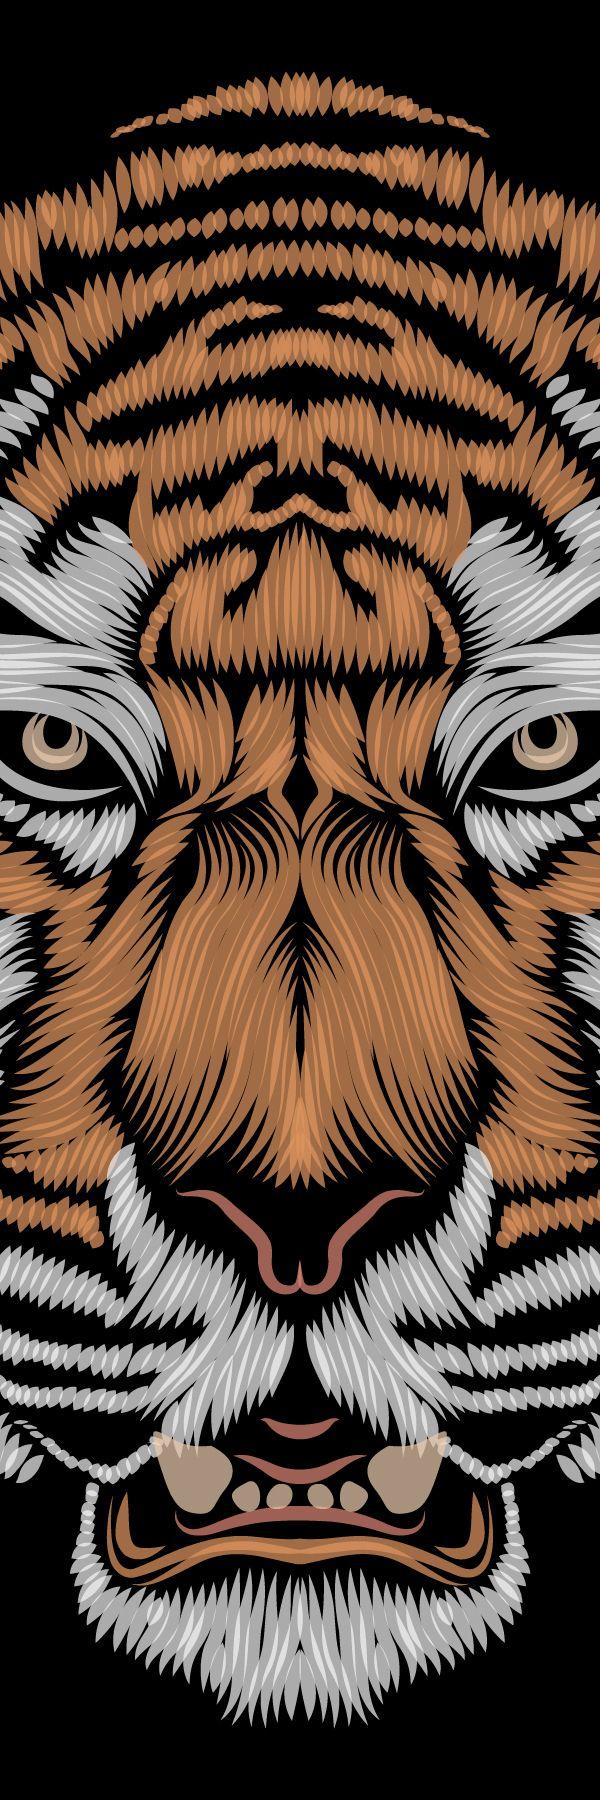 Le tigre by Patrick Seymour, via Behance